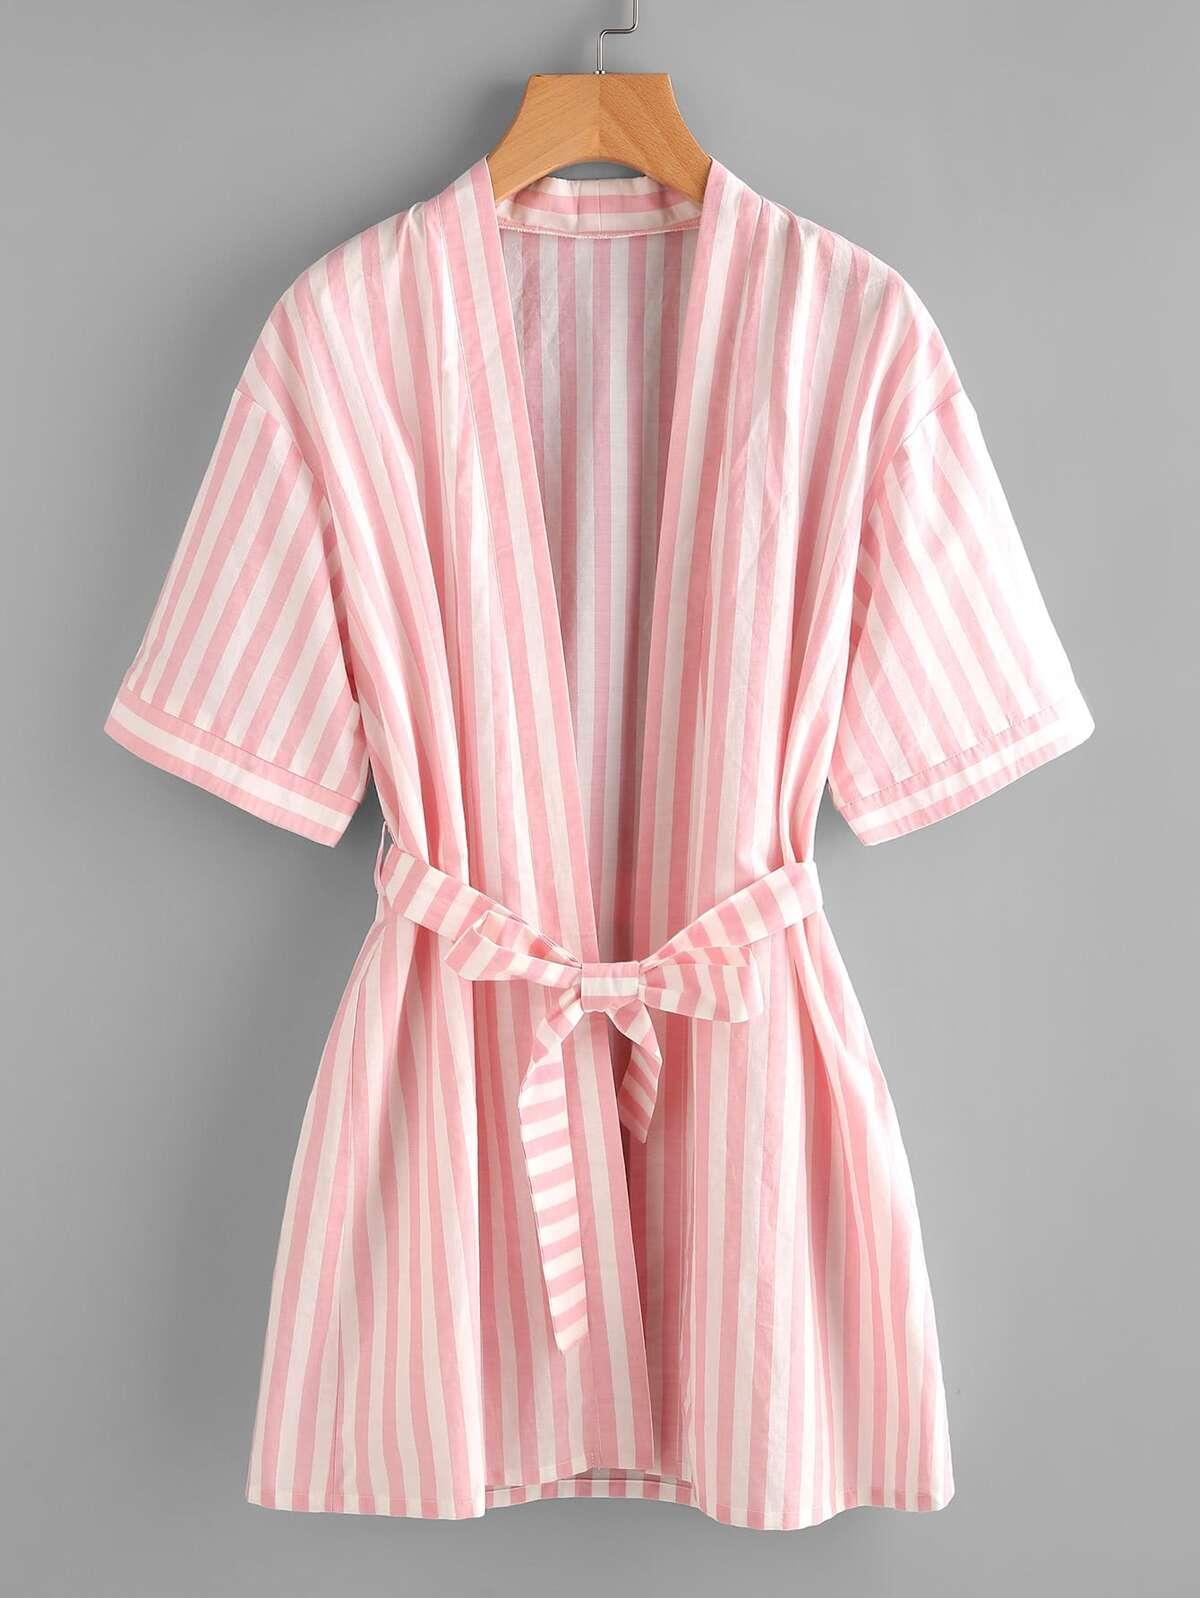 條紋 日式睡袍 附有 綁帶